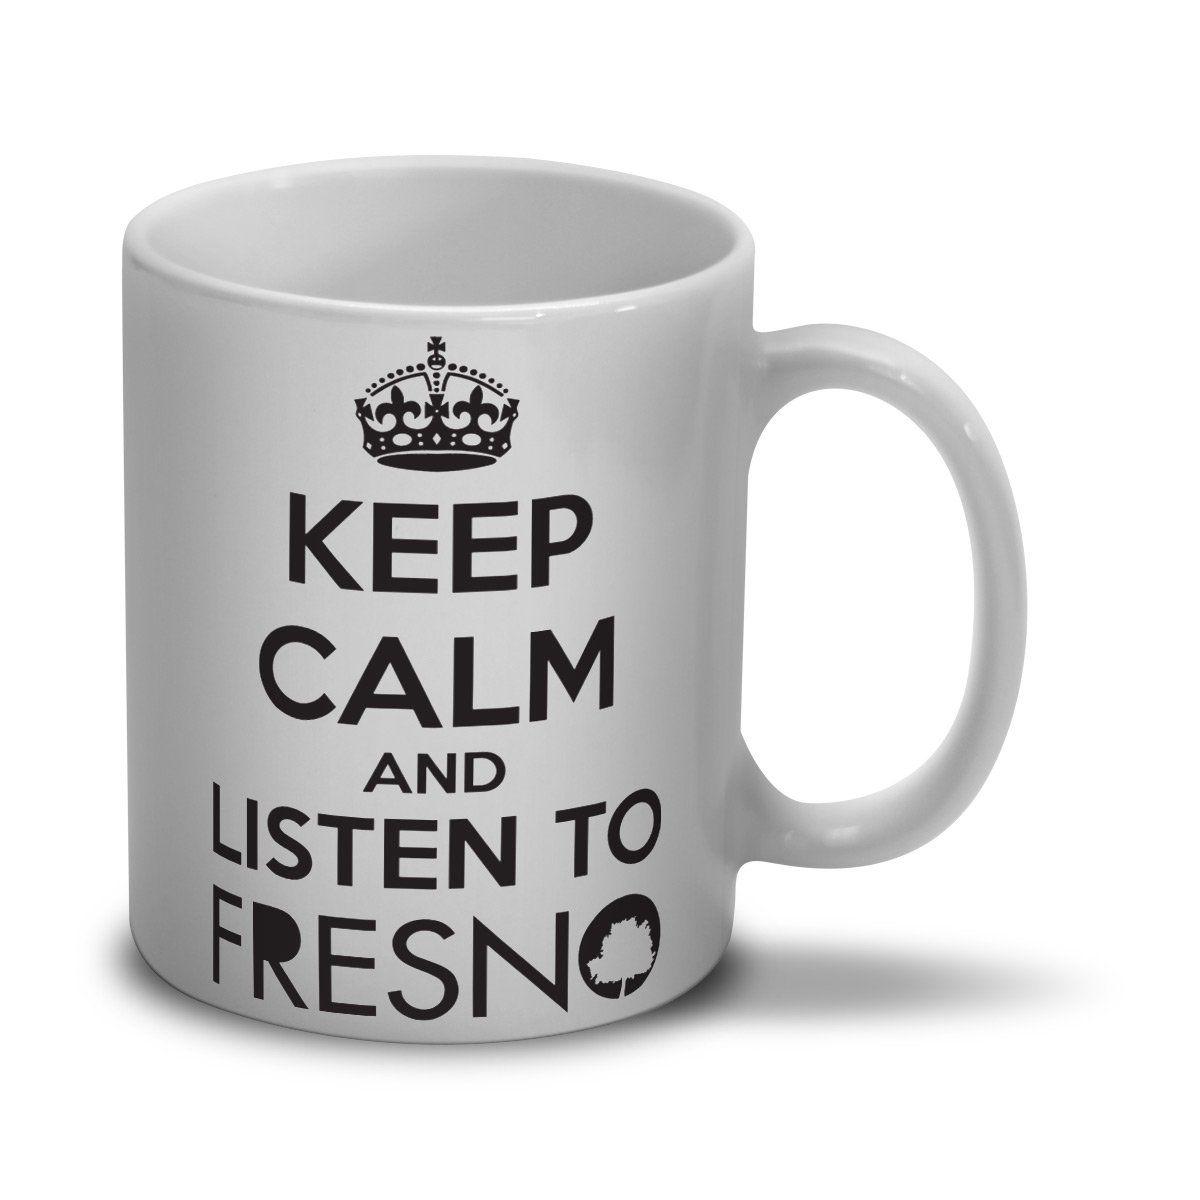 Caneca Fresno - Keep Calm Branca